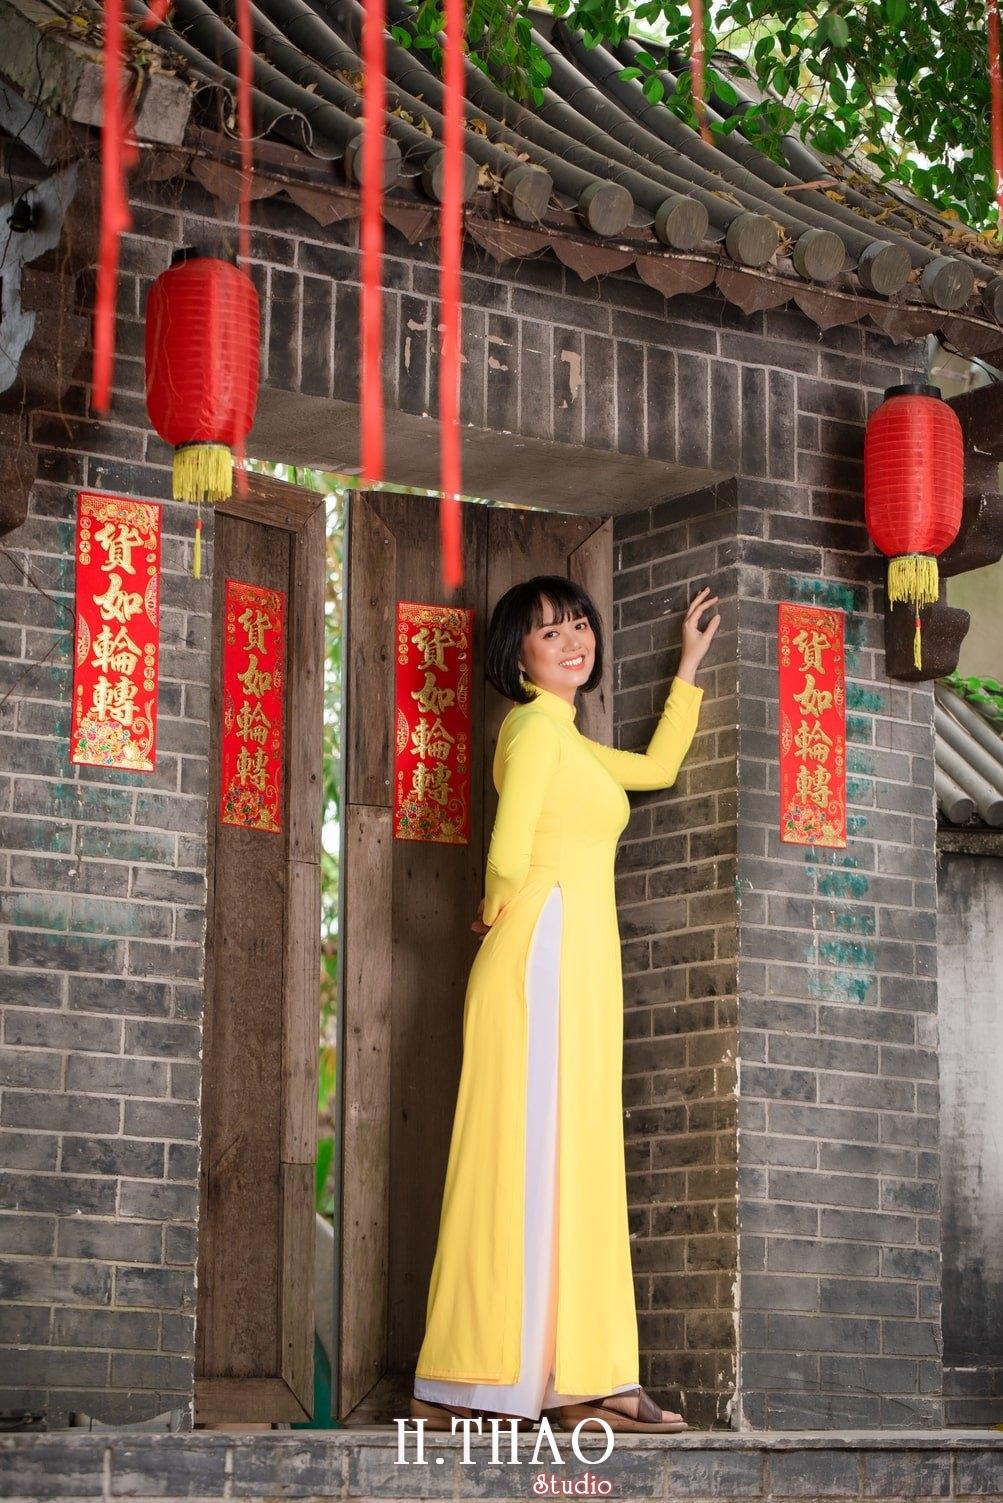 Ao dai tet 2021 3 - Album áo dài xuân chị Trang chụp tại Alibaba tuyệt đẹp - HThao Studio